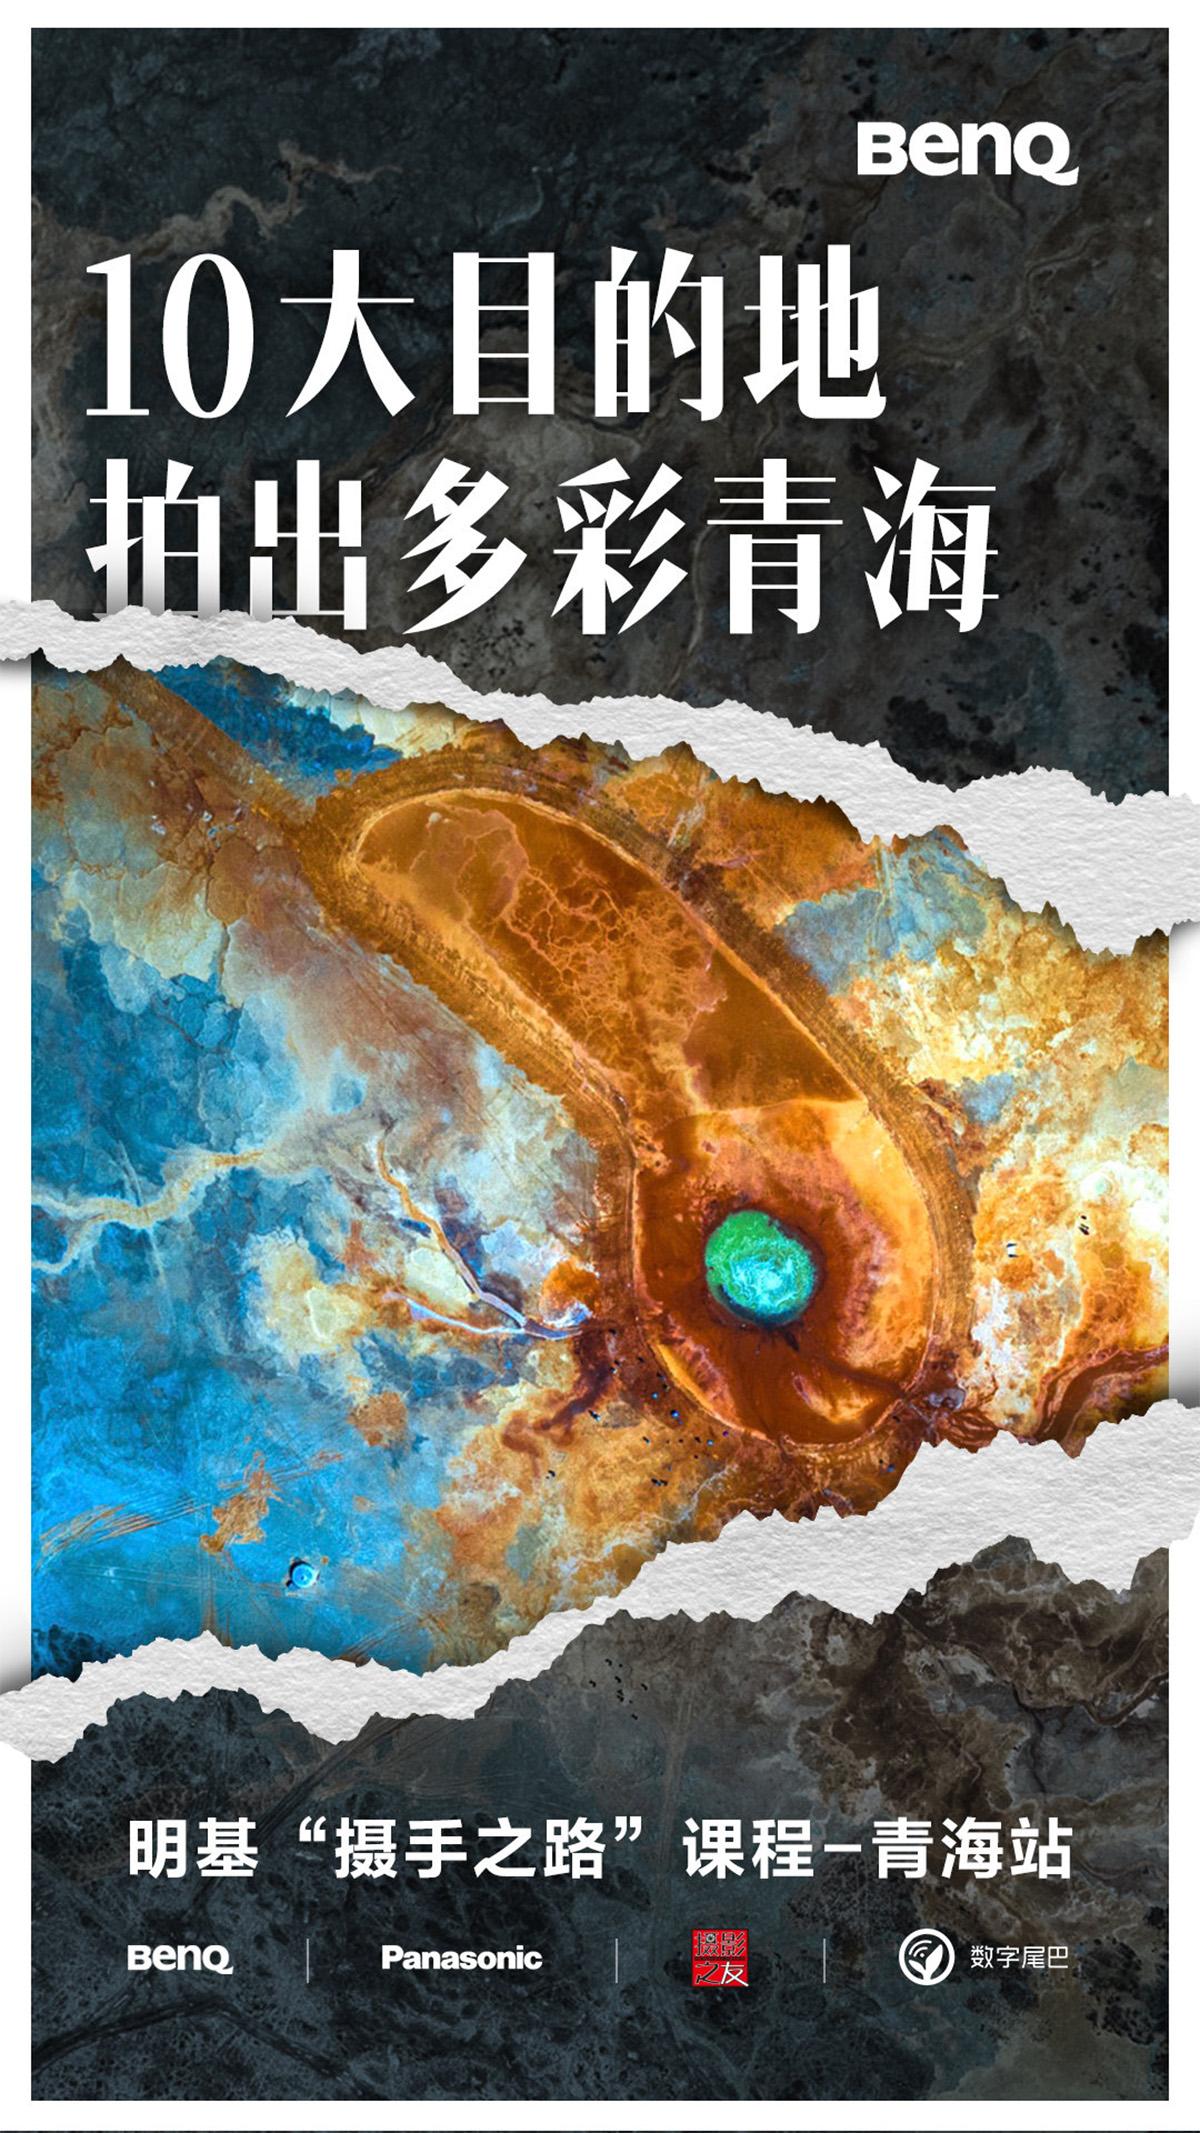 """#精彩的来了# 万众期待的""""摄手之路""""—青海站外拍课程14号启程"""